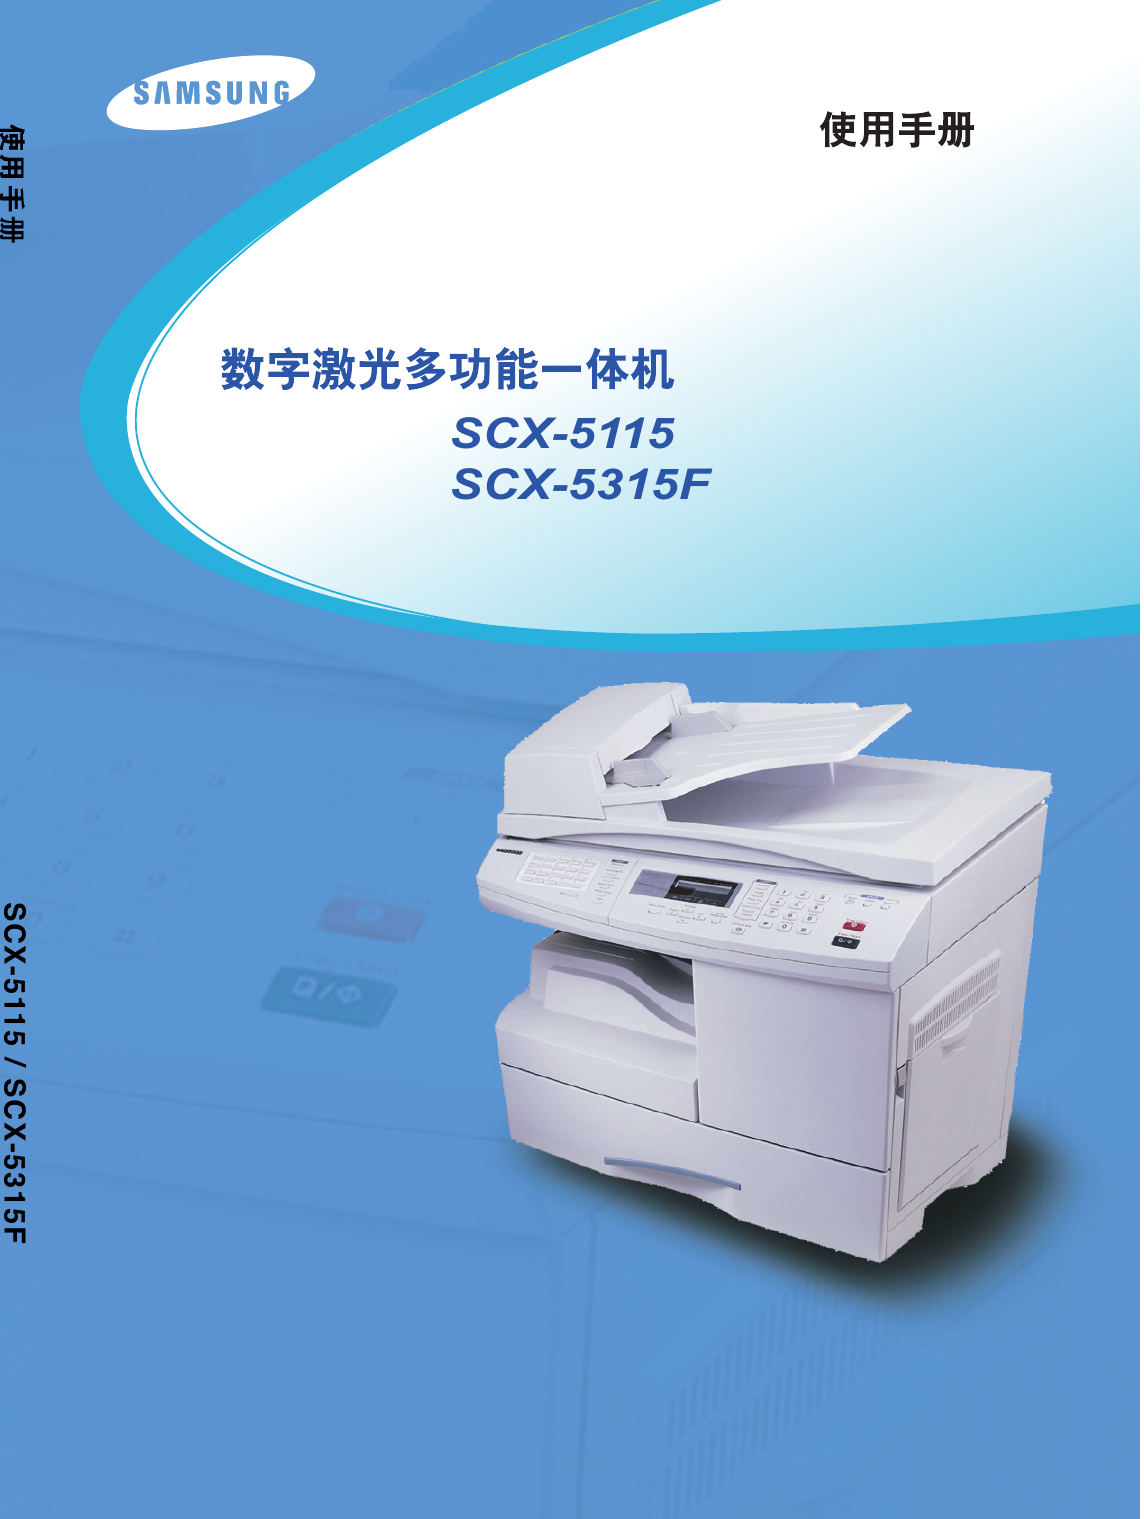 SCX-5315F DRIVER FOR MAC